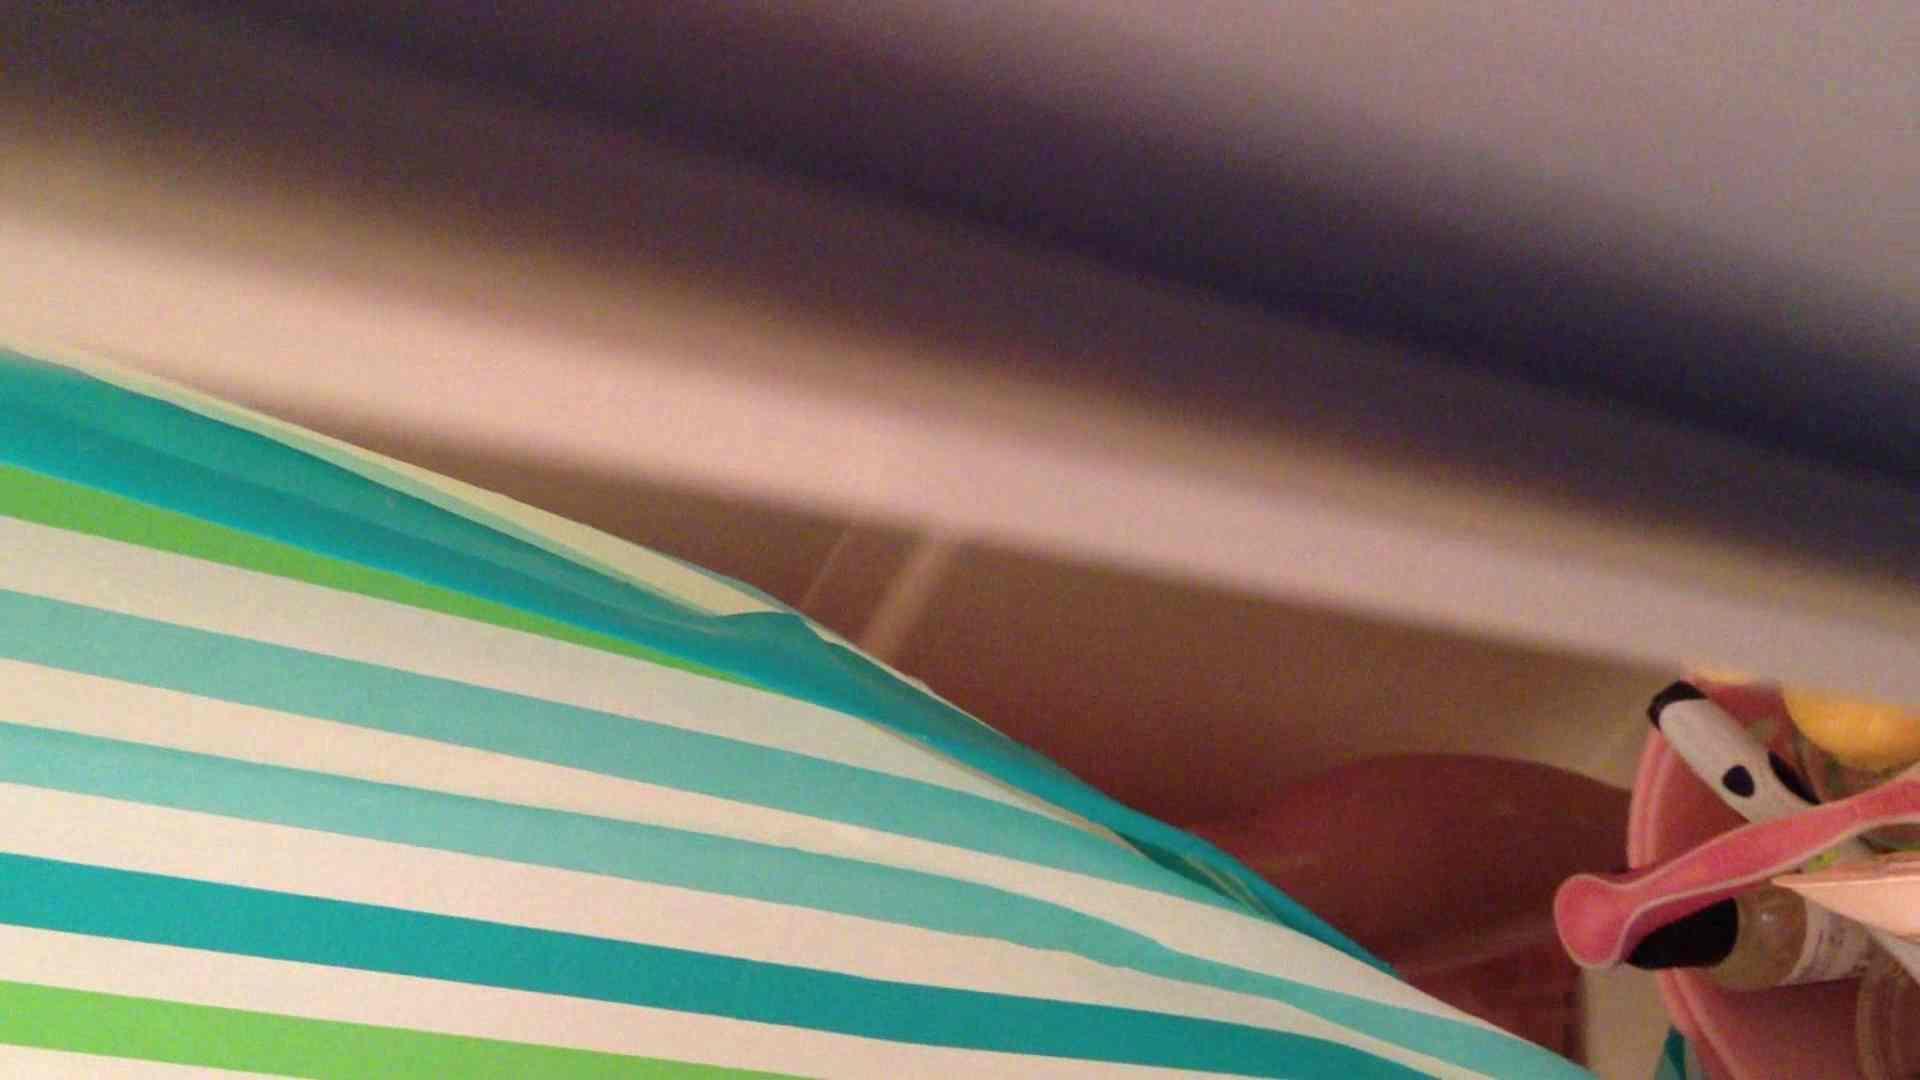 16(16日目)シャワー中にムダ毛処理をする彼女 パイパン | 一般投稿  94pic 43